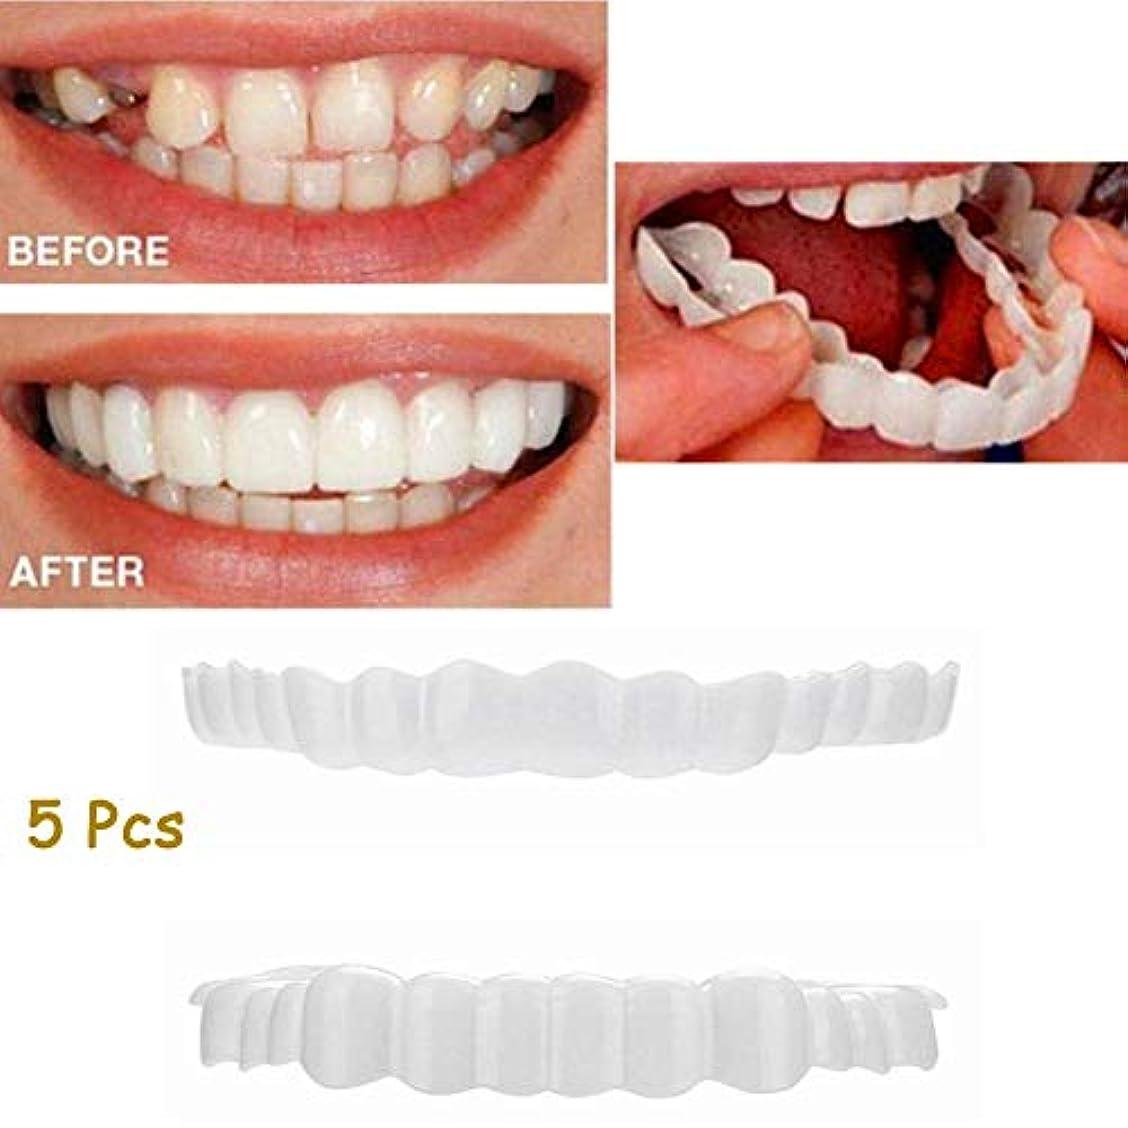 リッチハドル学校教育5本の上歯+下歯セット偽の歯を白くする完璧な化粧品の歯